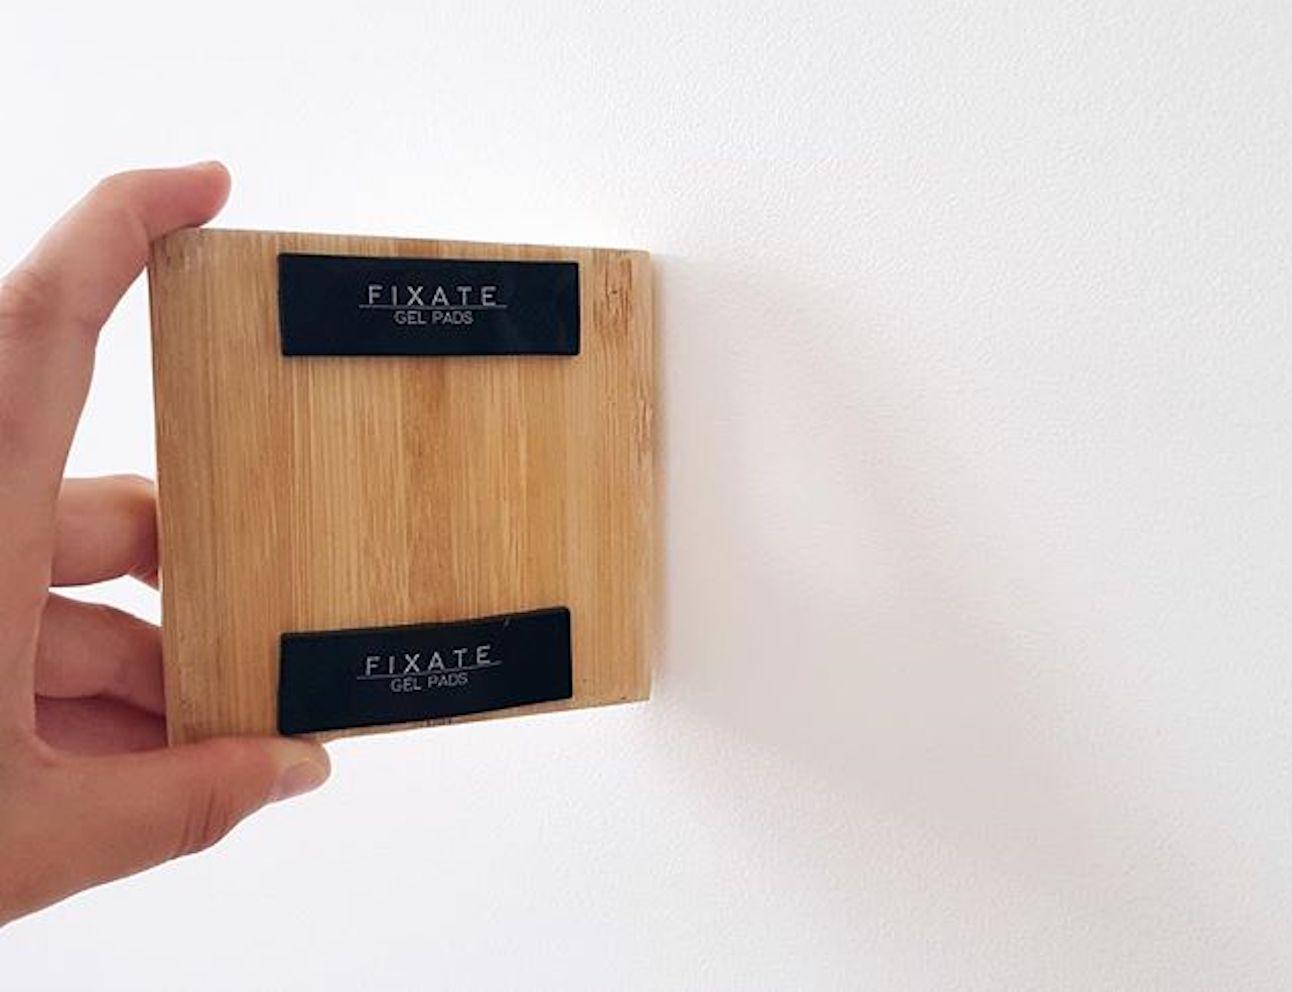 Fixate Reusable Gel Pads